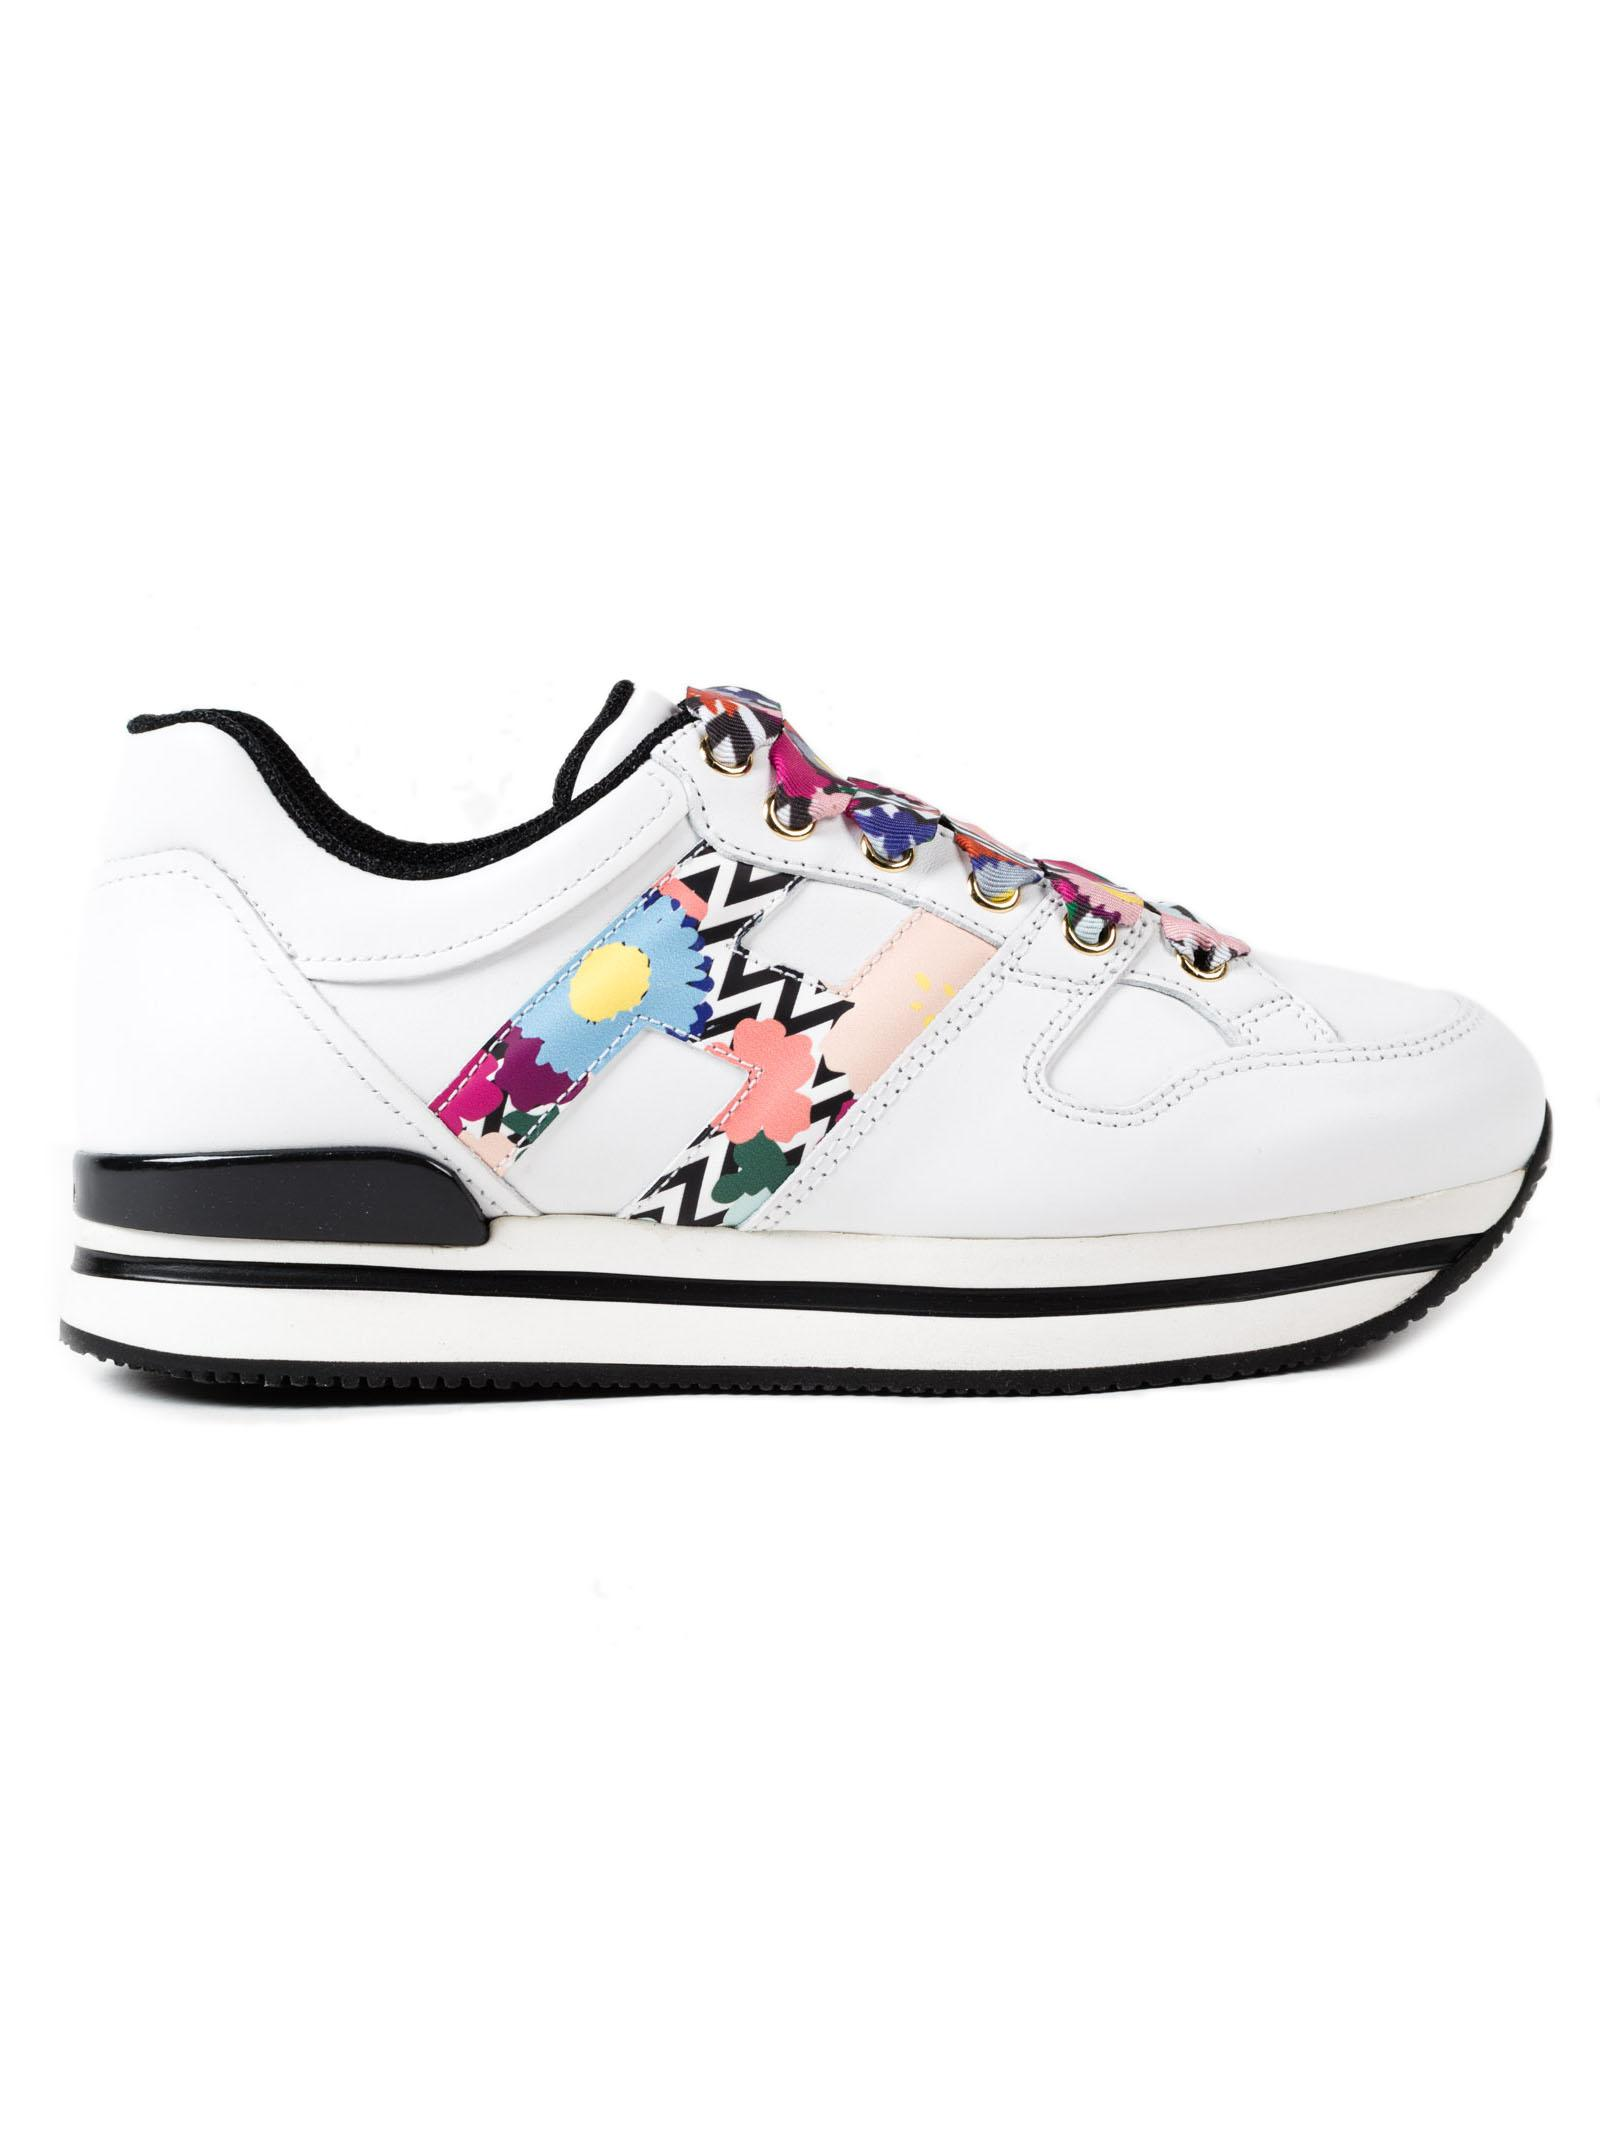 Billig Rabatt Rabatt Billig Verkauf HOGAN Sneakers Casual Frau Allacciato Bianco e75528